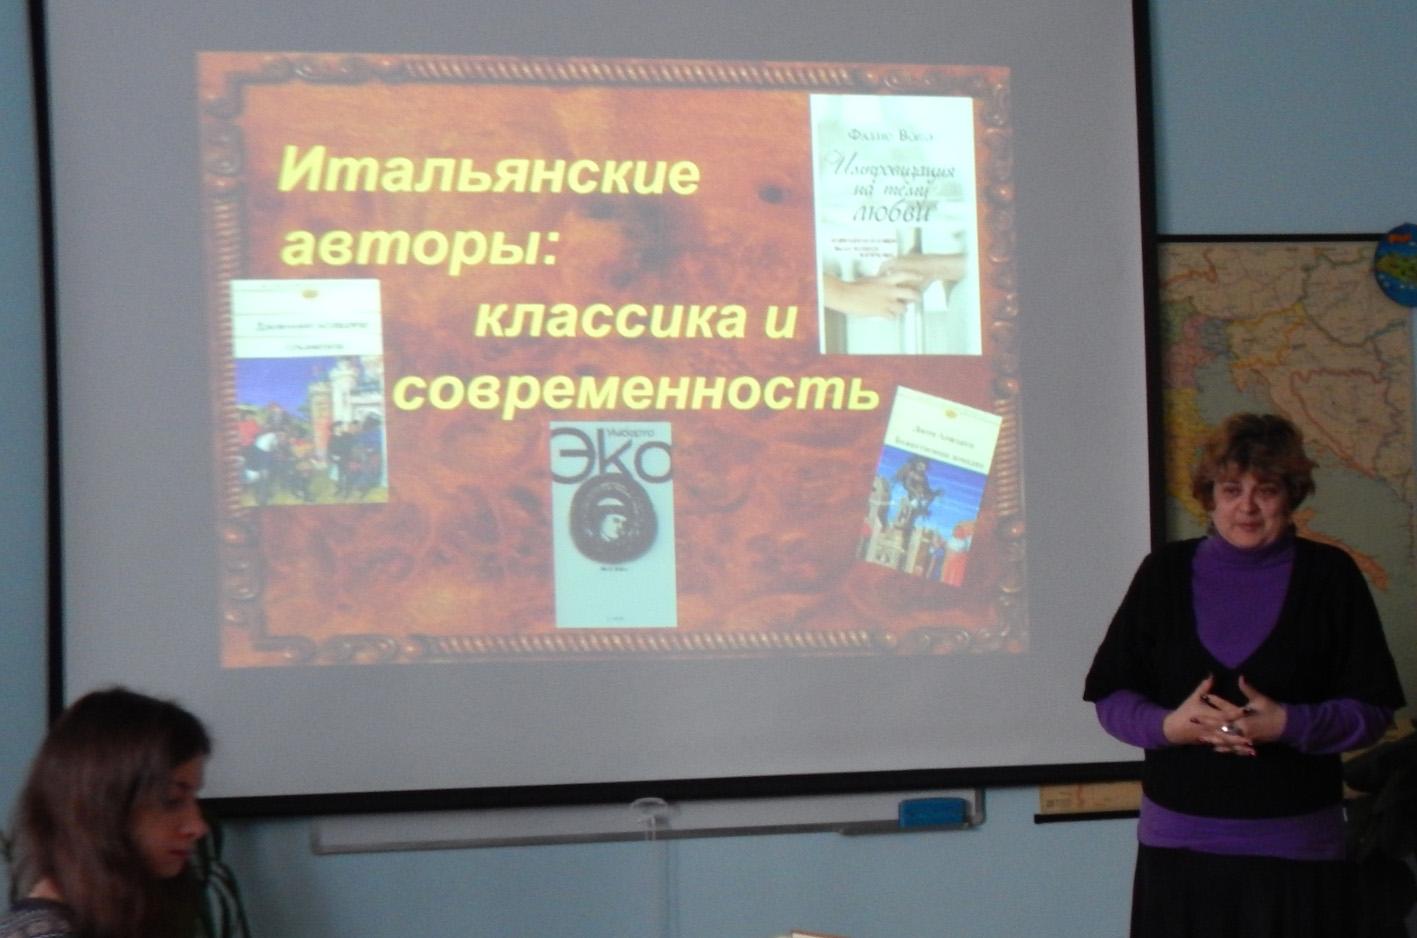 hodyna_tsikavykh_povidomlen